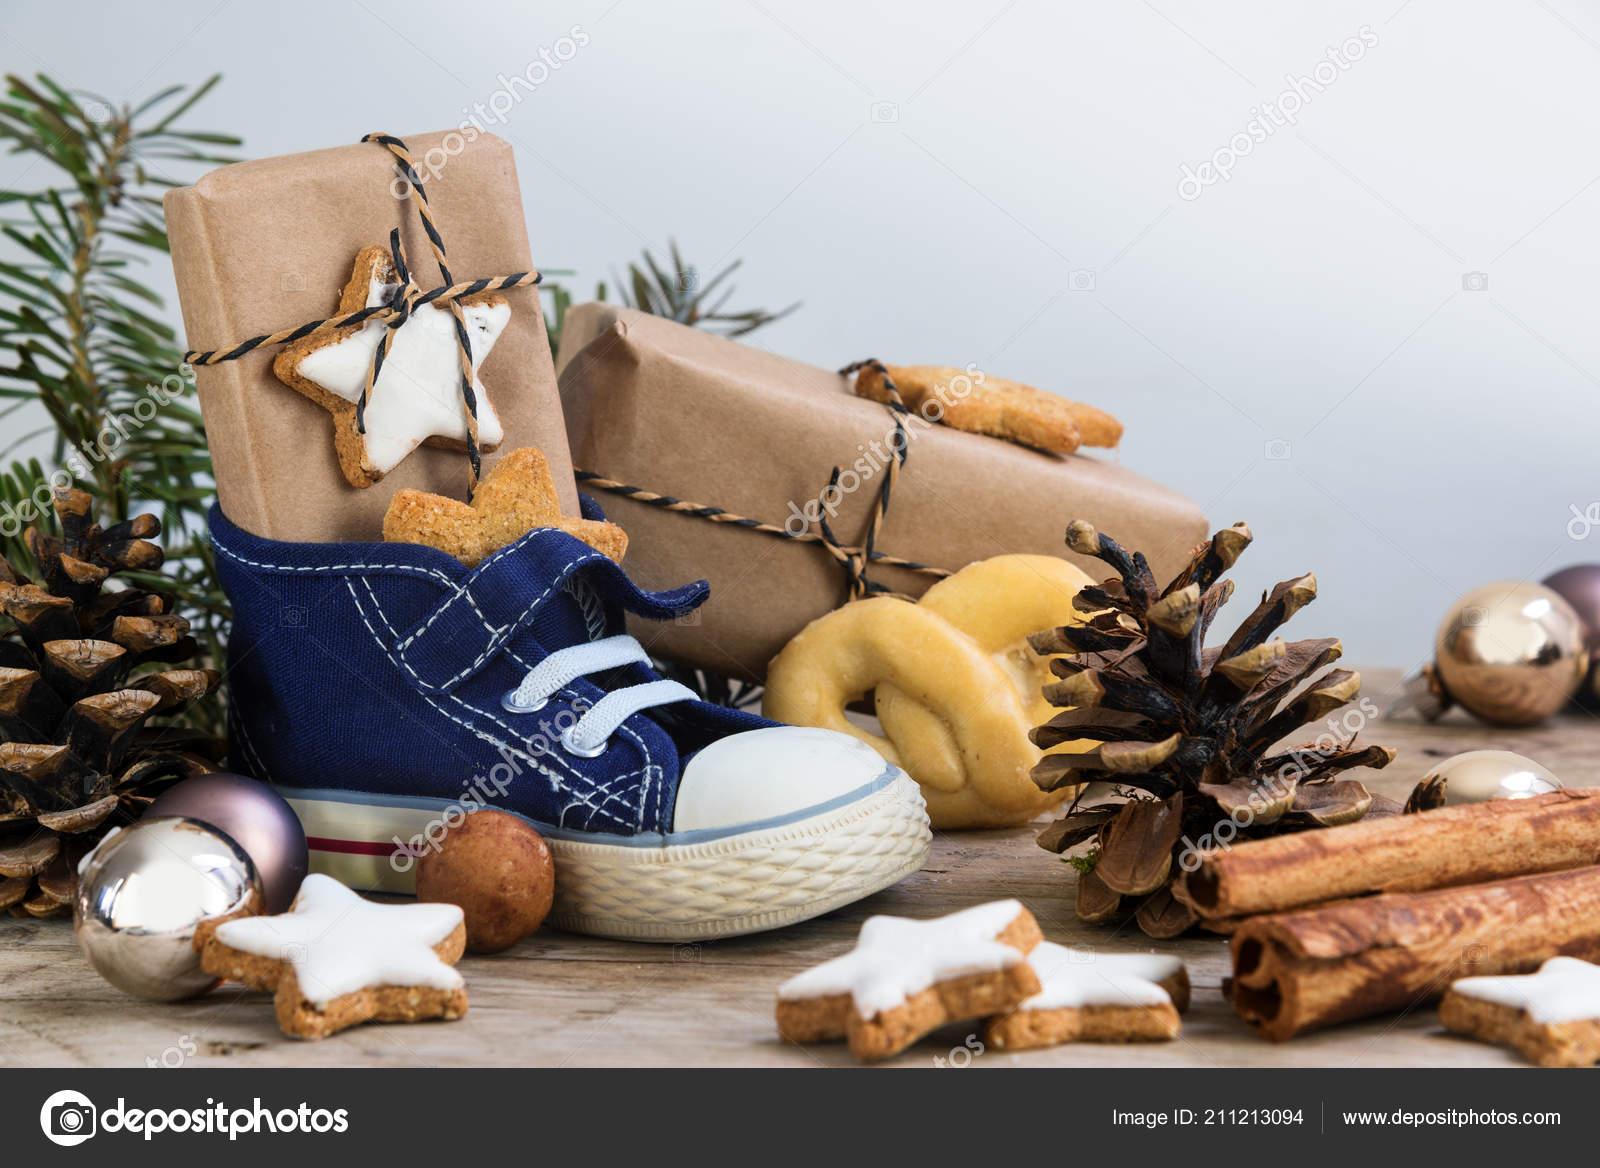 Decorazioni In Legno Per Bambini : Scarpe bambini con dolci regali decorazioni natale rustico legno